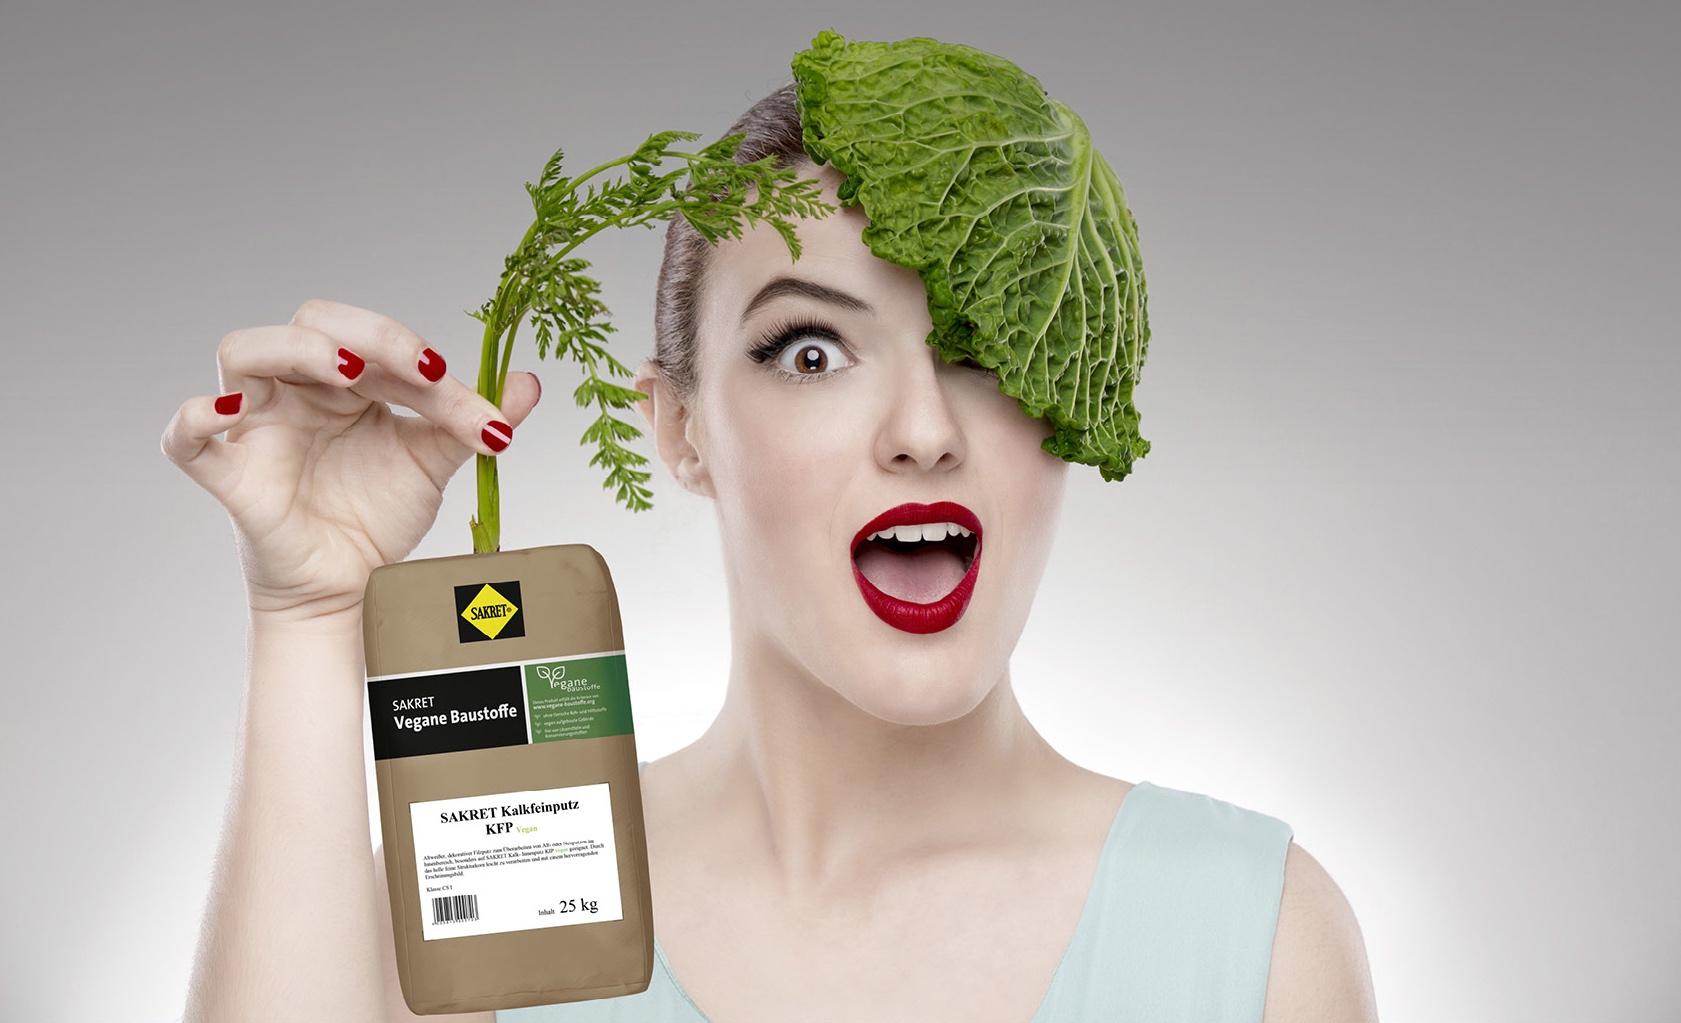 Mit diesem schrägen Motiv wirbt der Hersteller für die veganen Putze. Bild: Sakret Sachsen